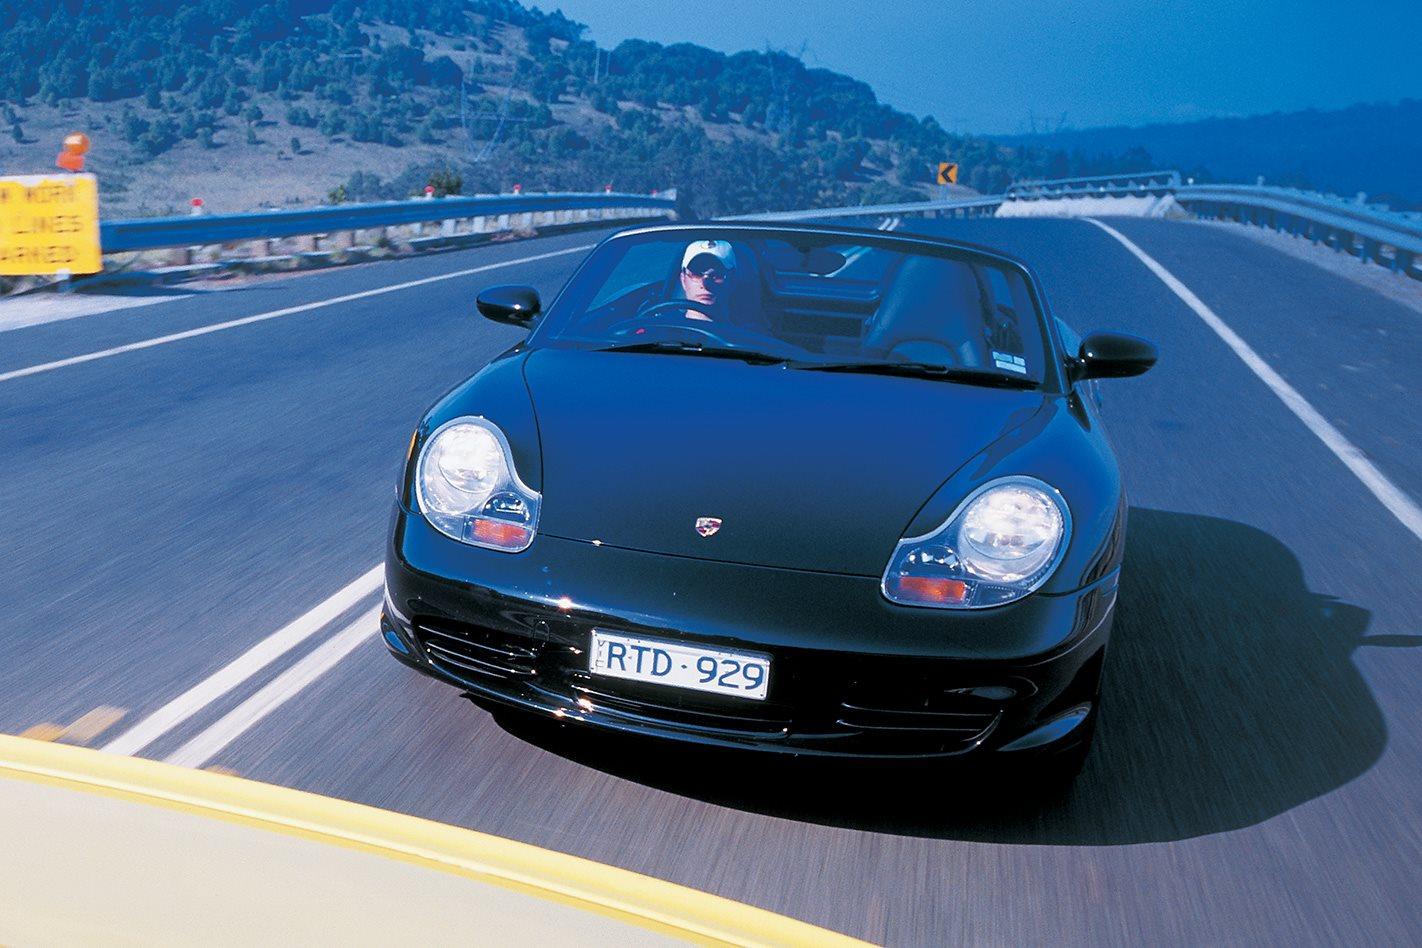 2003 Porsche Boxster S front